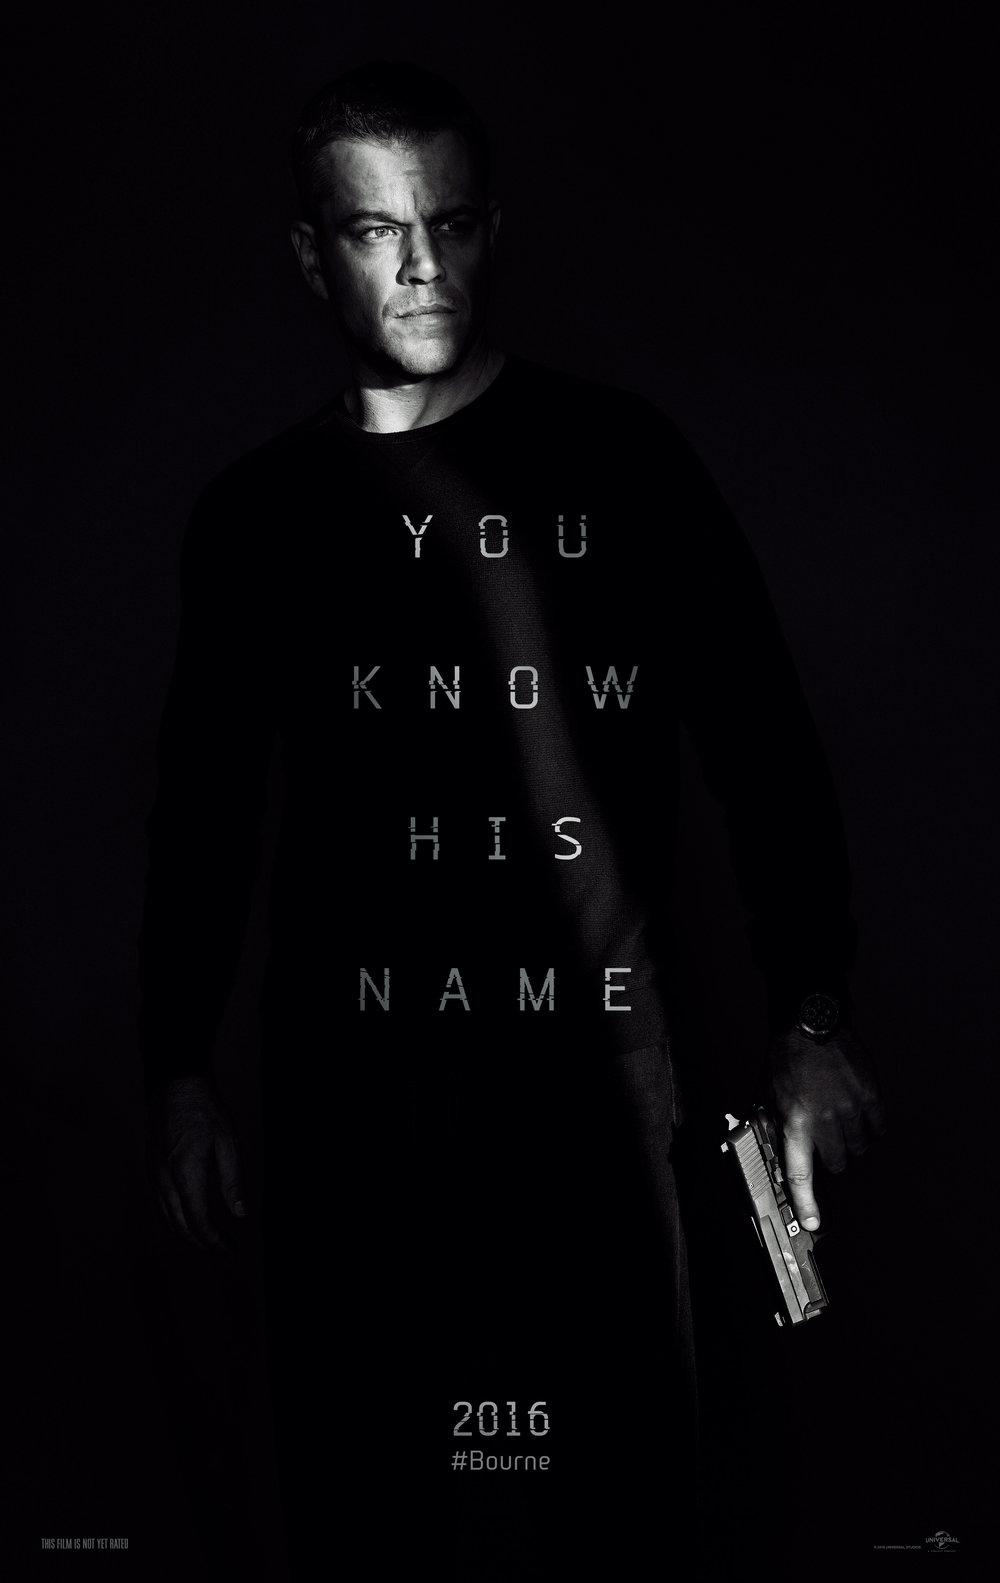 Jason_Bourne_Poster_1.jpg